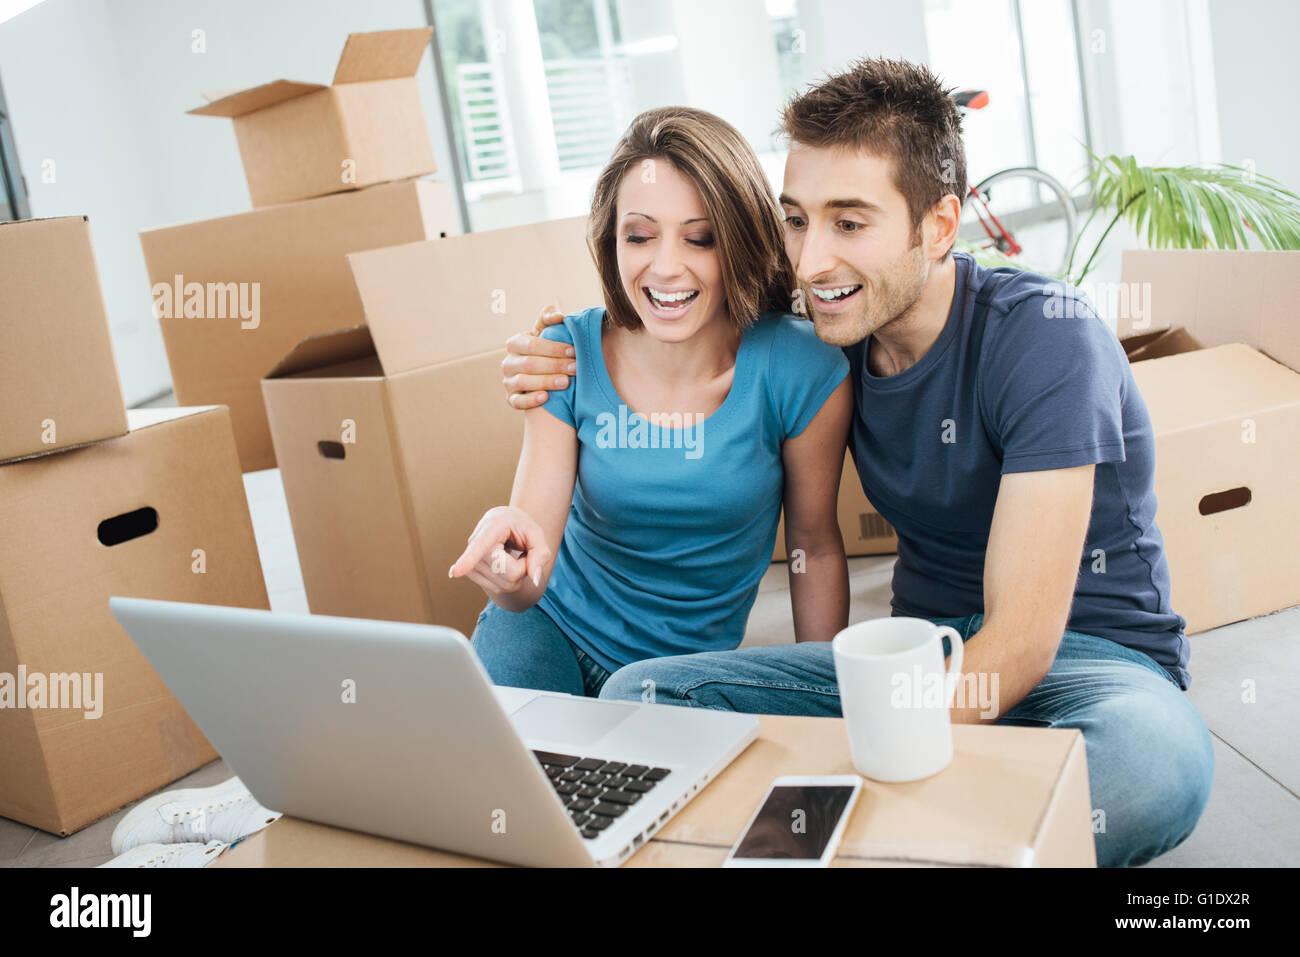 Smiling couple assis sur leur nouvelle maison étage entouré par des boîtes en carton, ils regardent Photo Stock